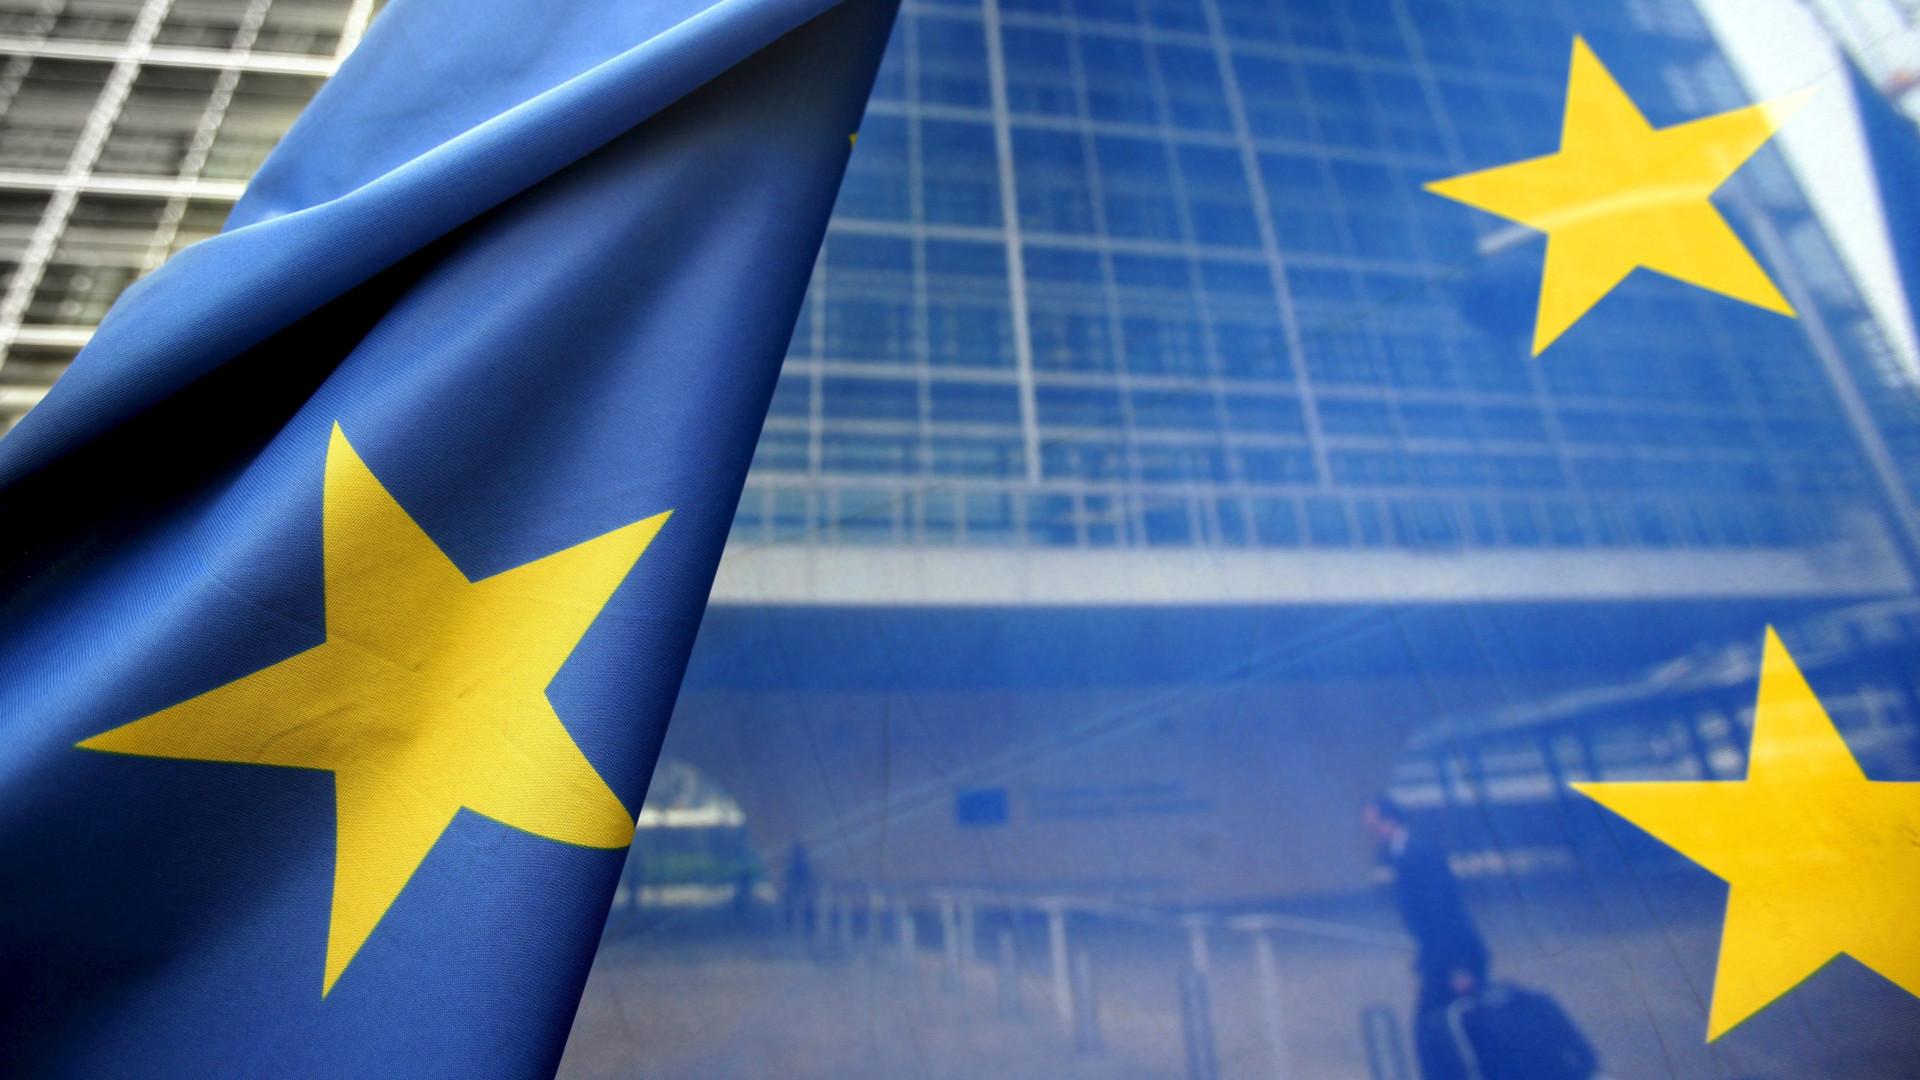 Portugal recebeu 7,5 mil milhões em fundos comunitários no atual quadro